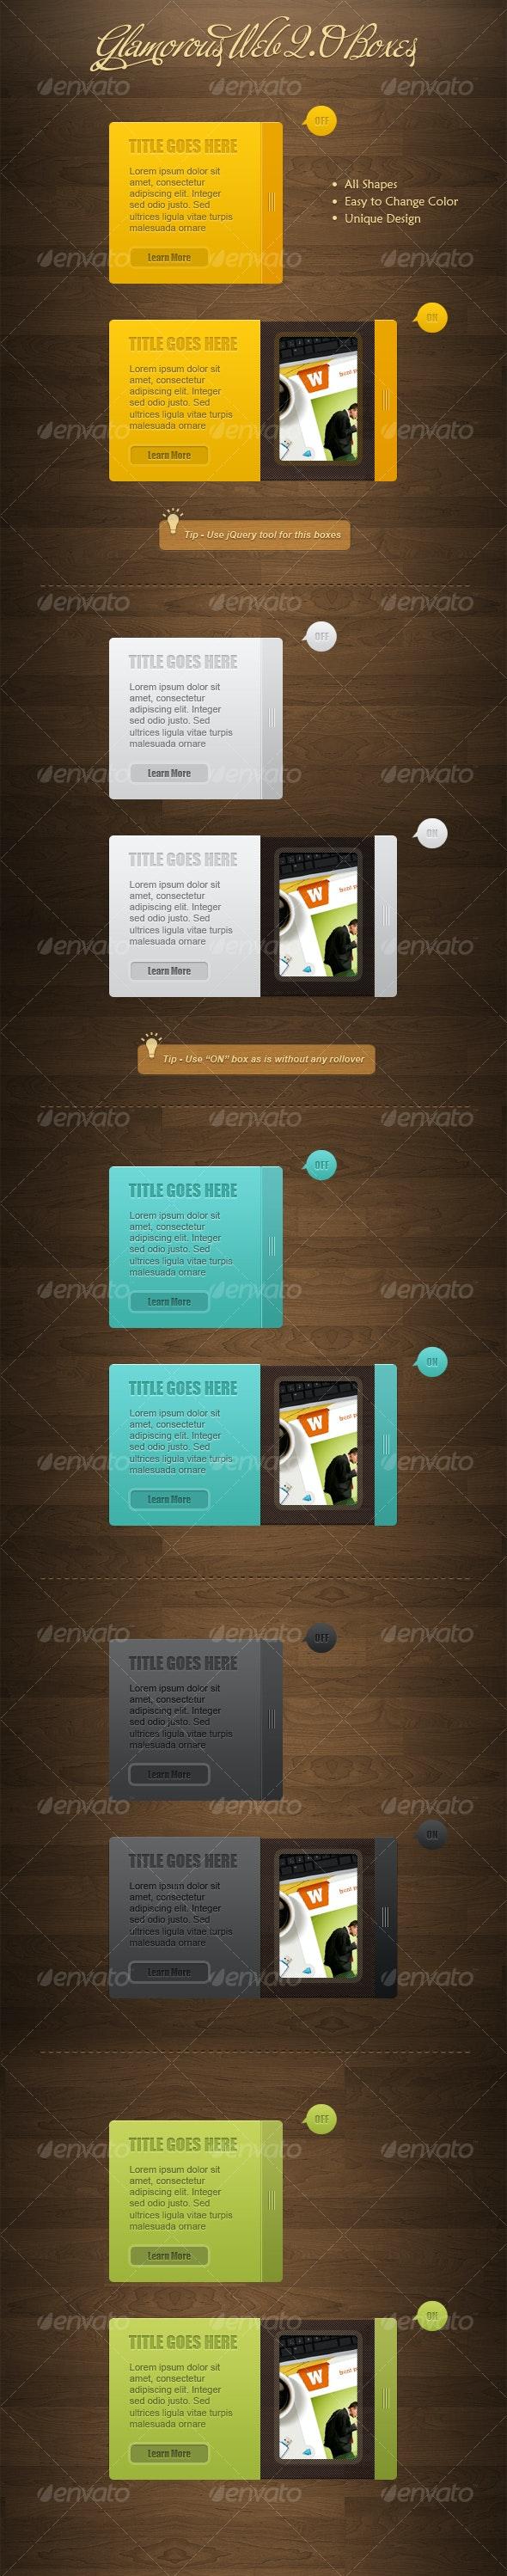 Glamorous Web 2.0 Boxes - Web Elements